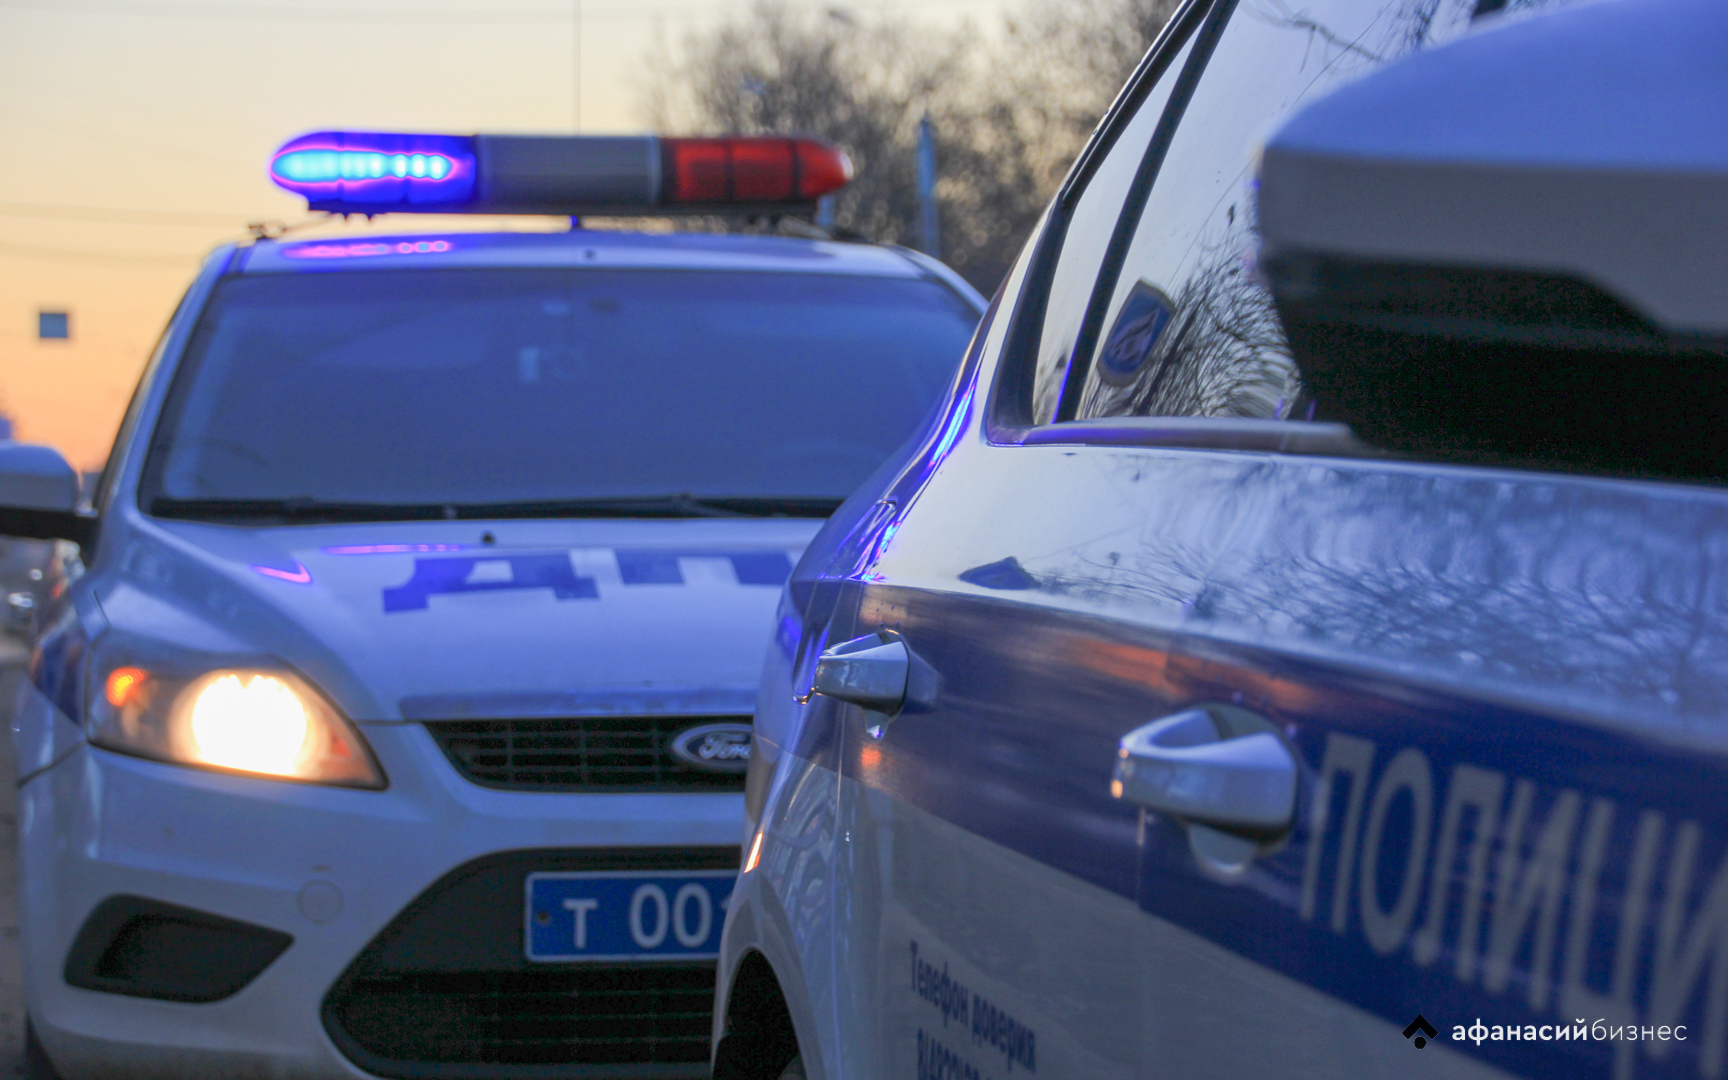 Пьяный водитель без прав и документов на машину устроил ДТП с пострадавшим в Тверской области - новости Афанасий